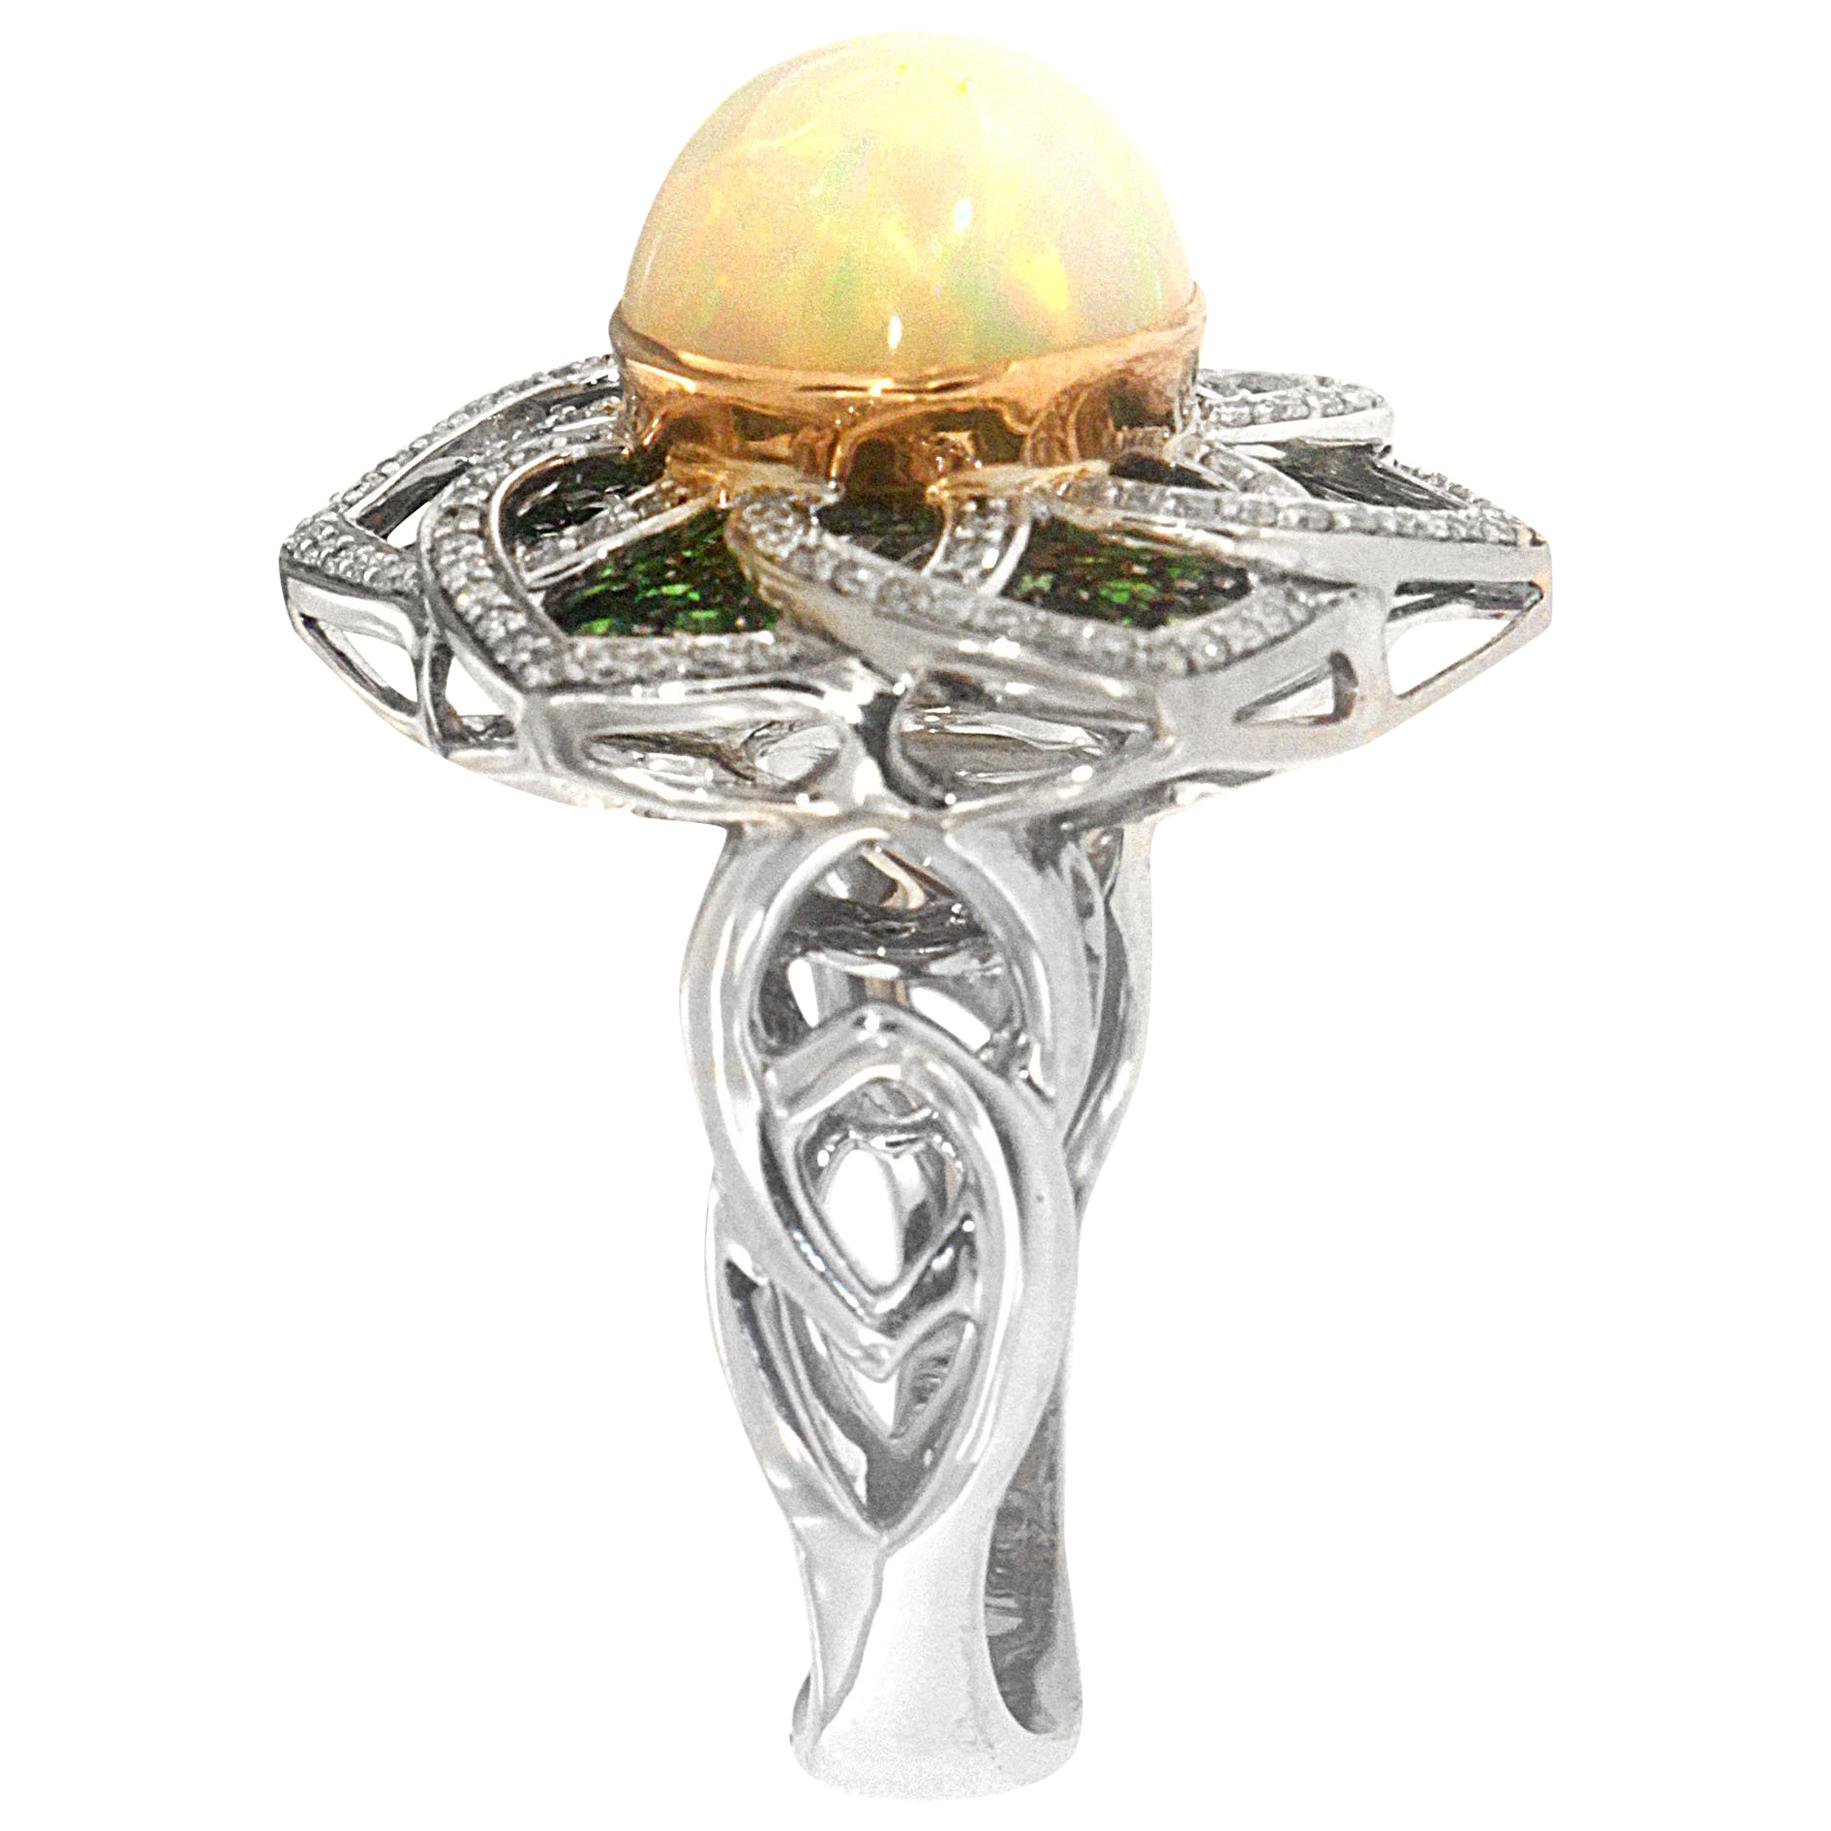 8th Dynasty Ring, a Zorab Creation